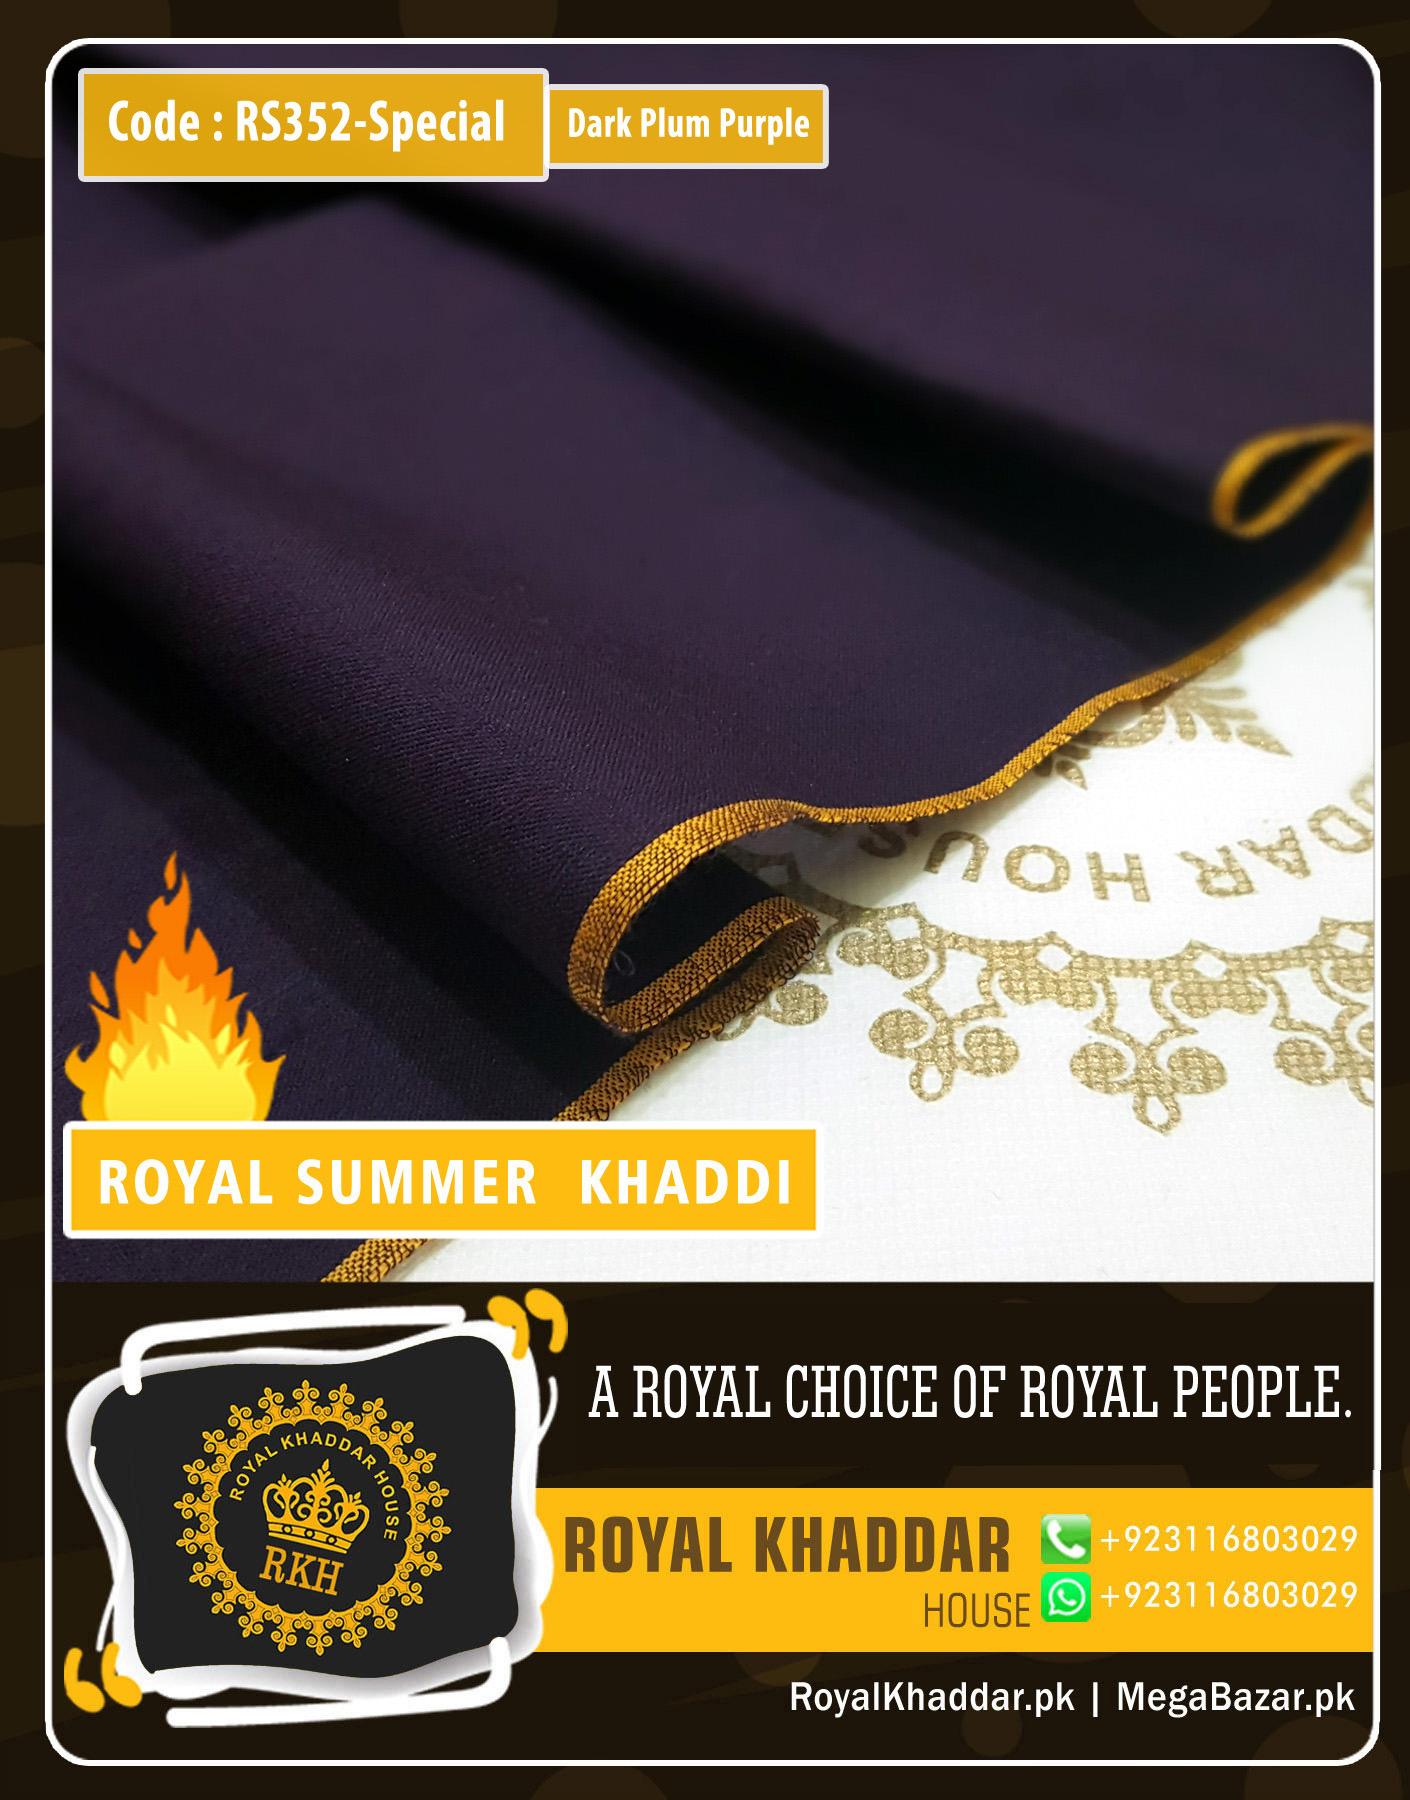 Dark Plum Purple Special Royal Summer Khaddar RS352-Special